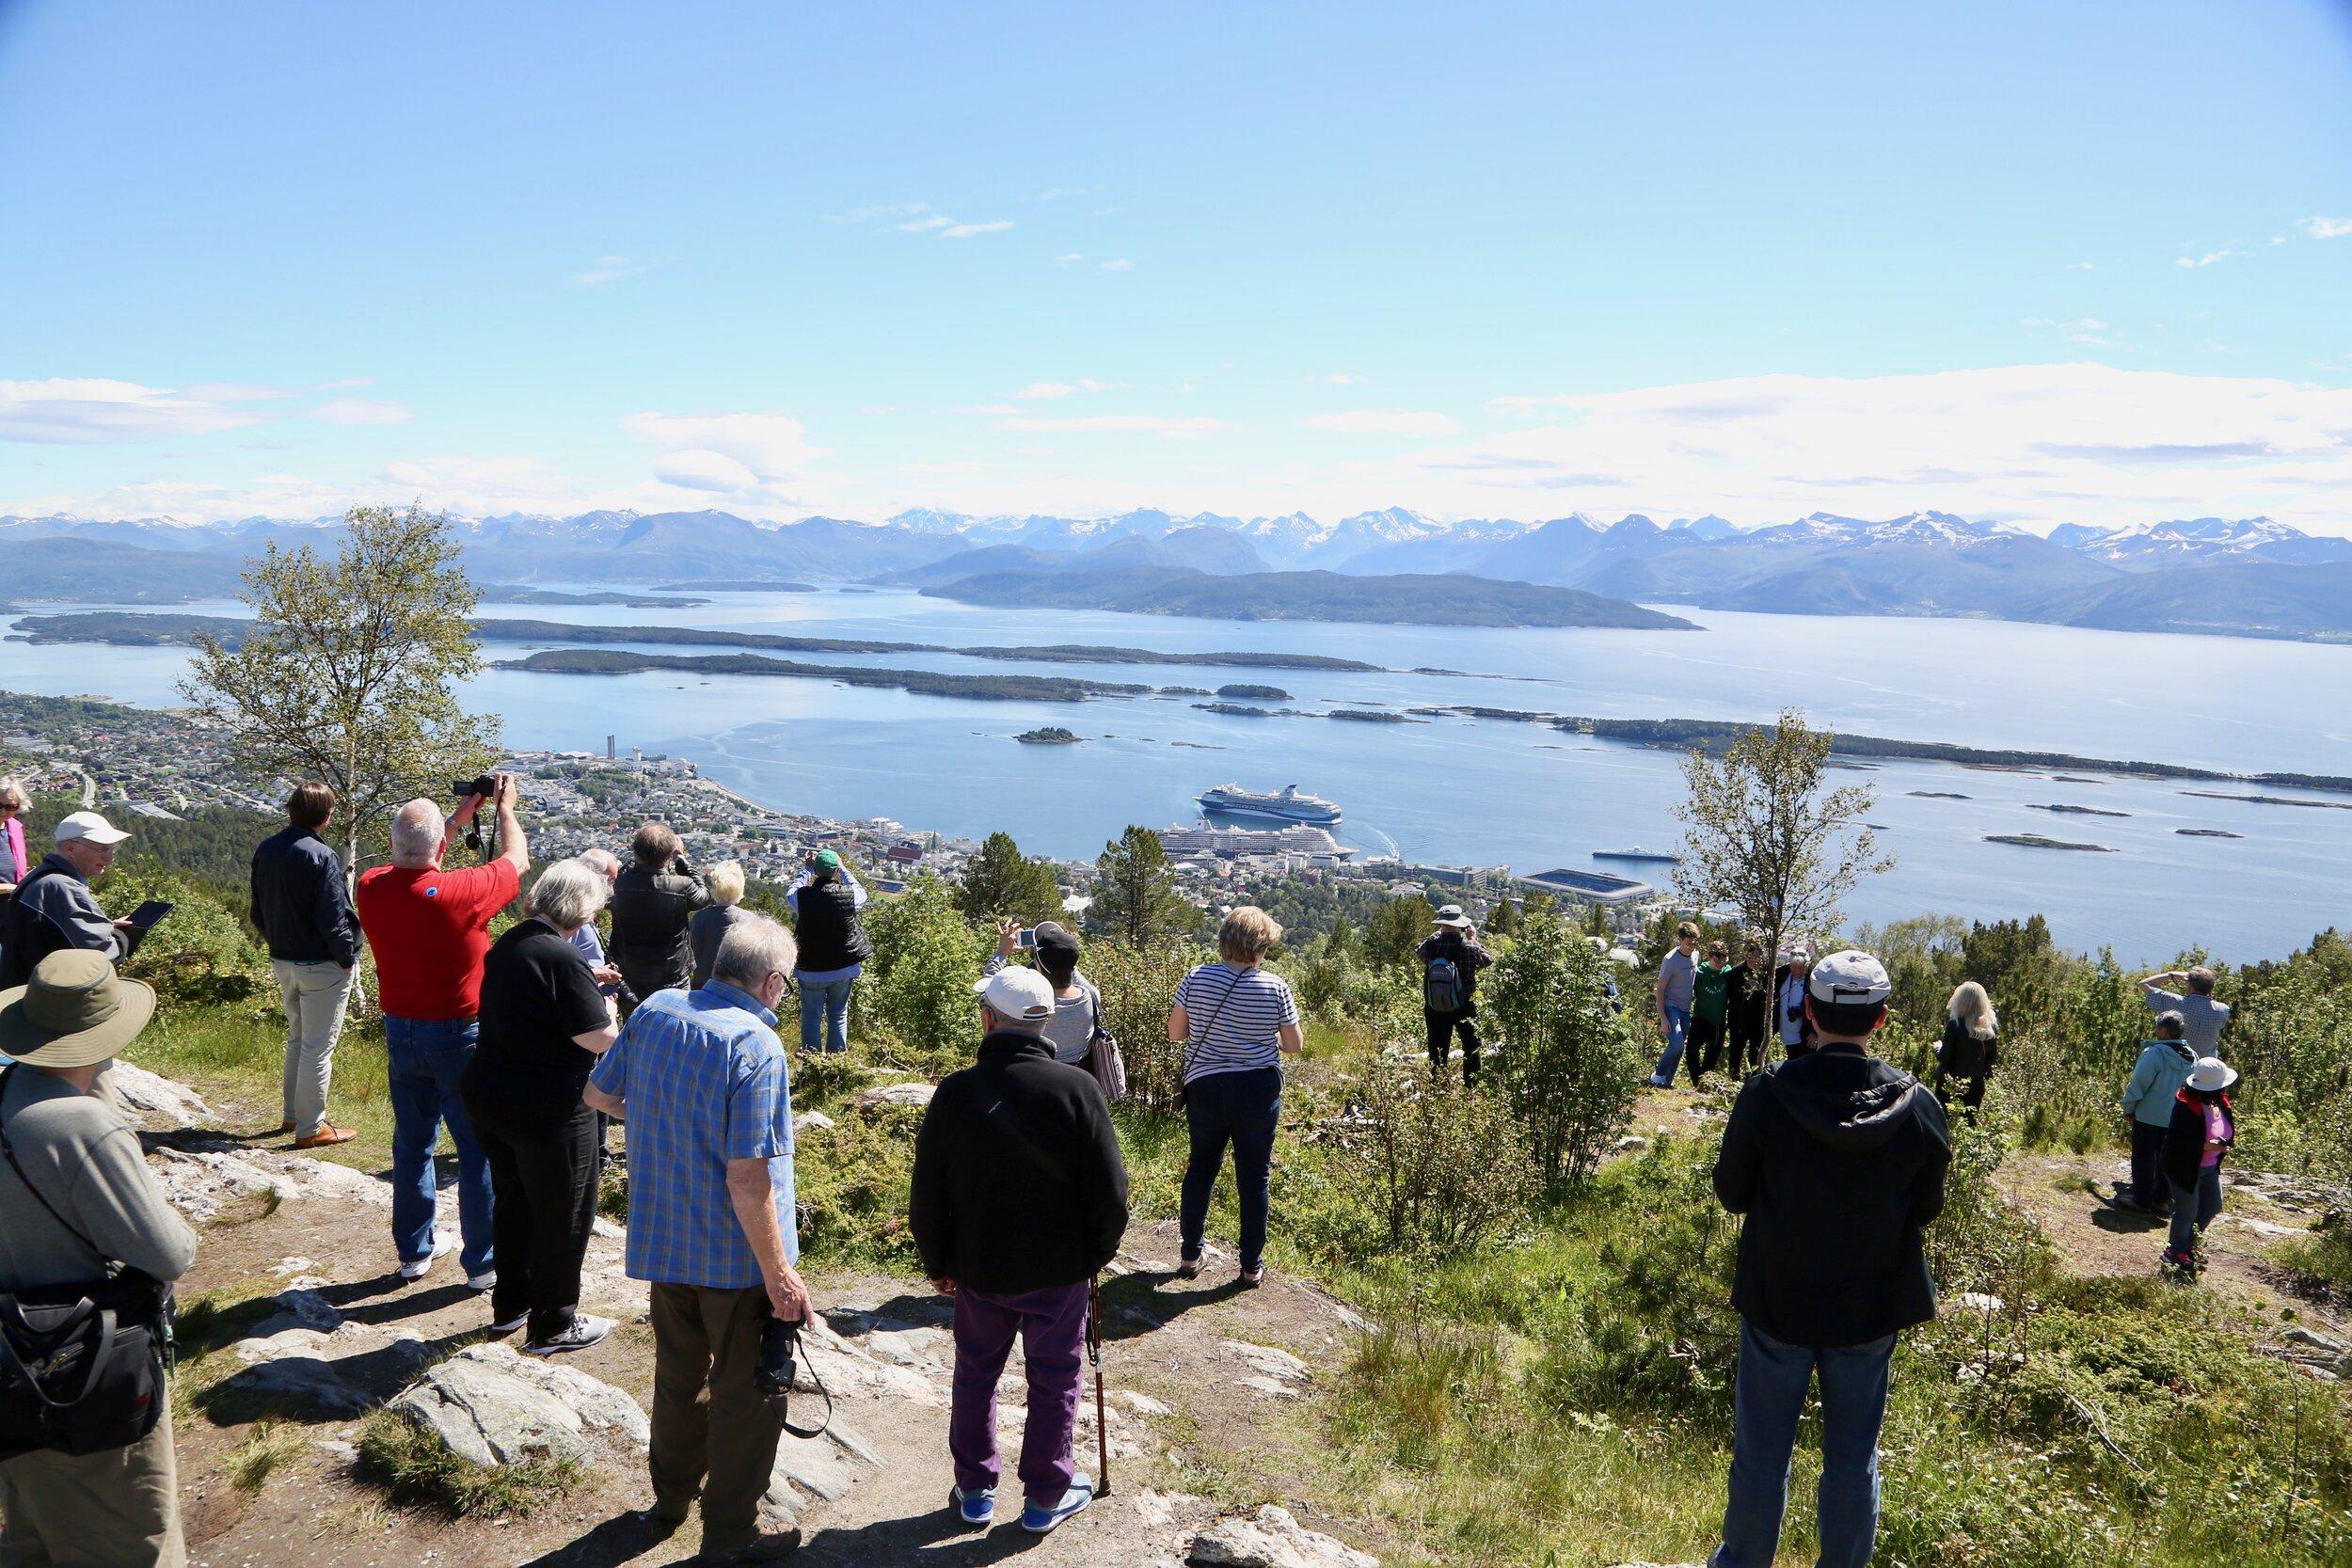 Hva er årsaken til at turister kommer til Norge. God markedsføring eller gunstig valutakurs? Foto Odd Roar Lange